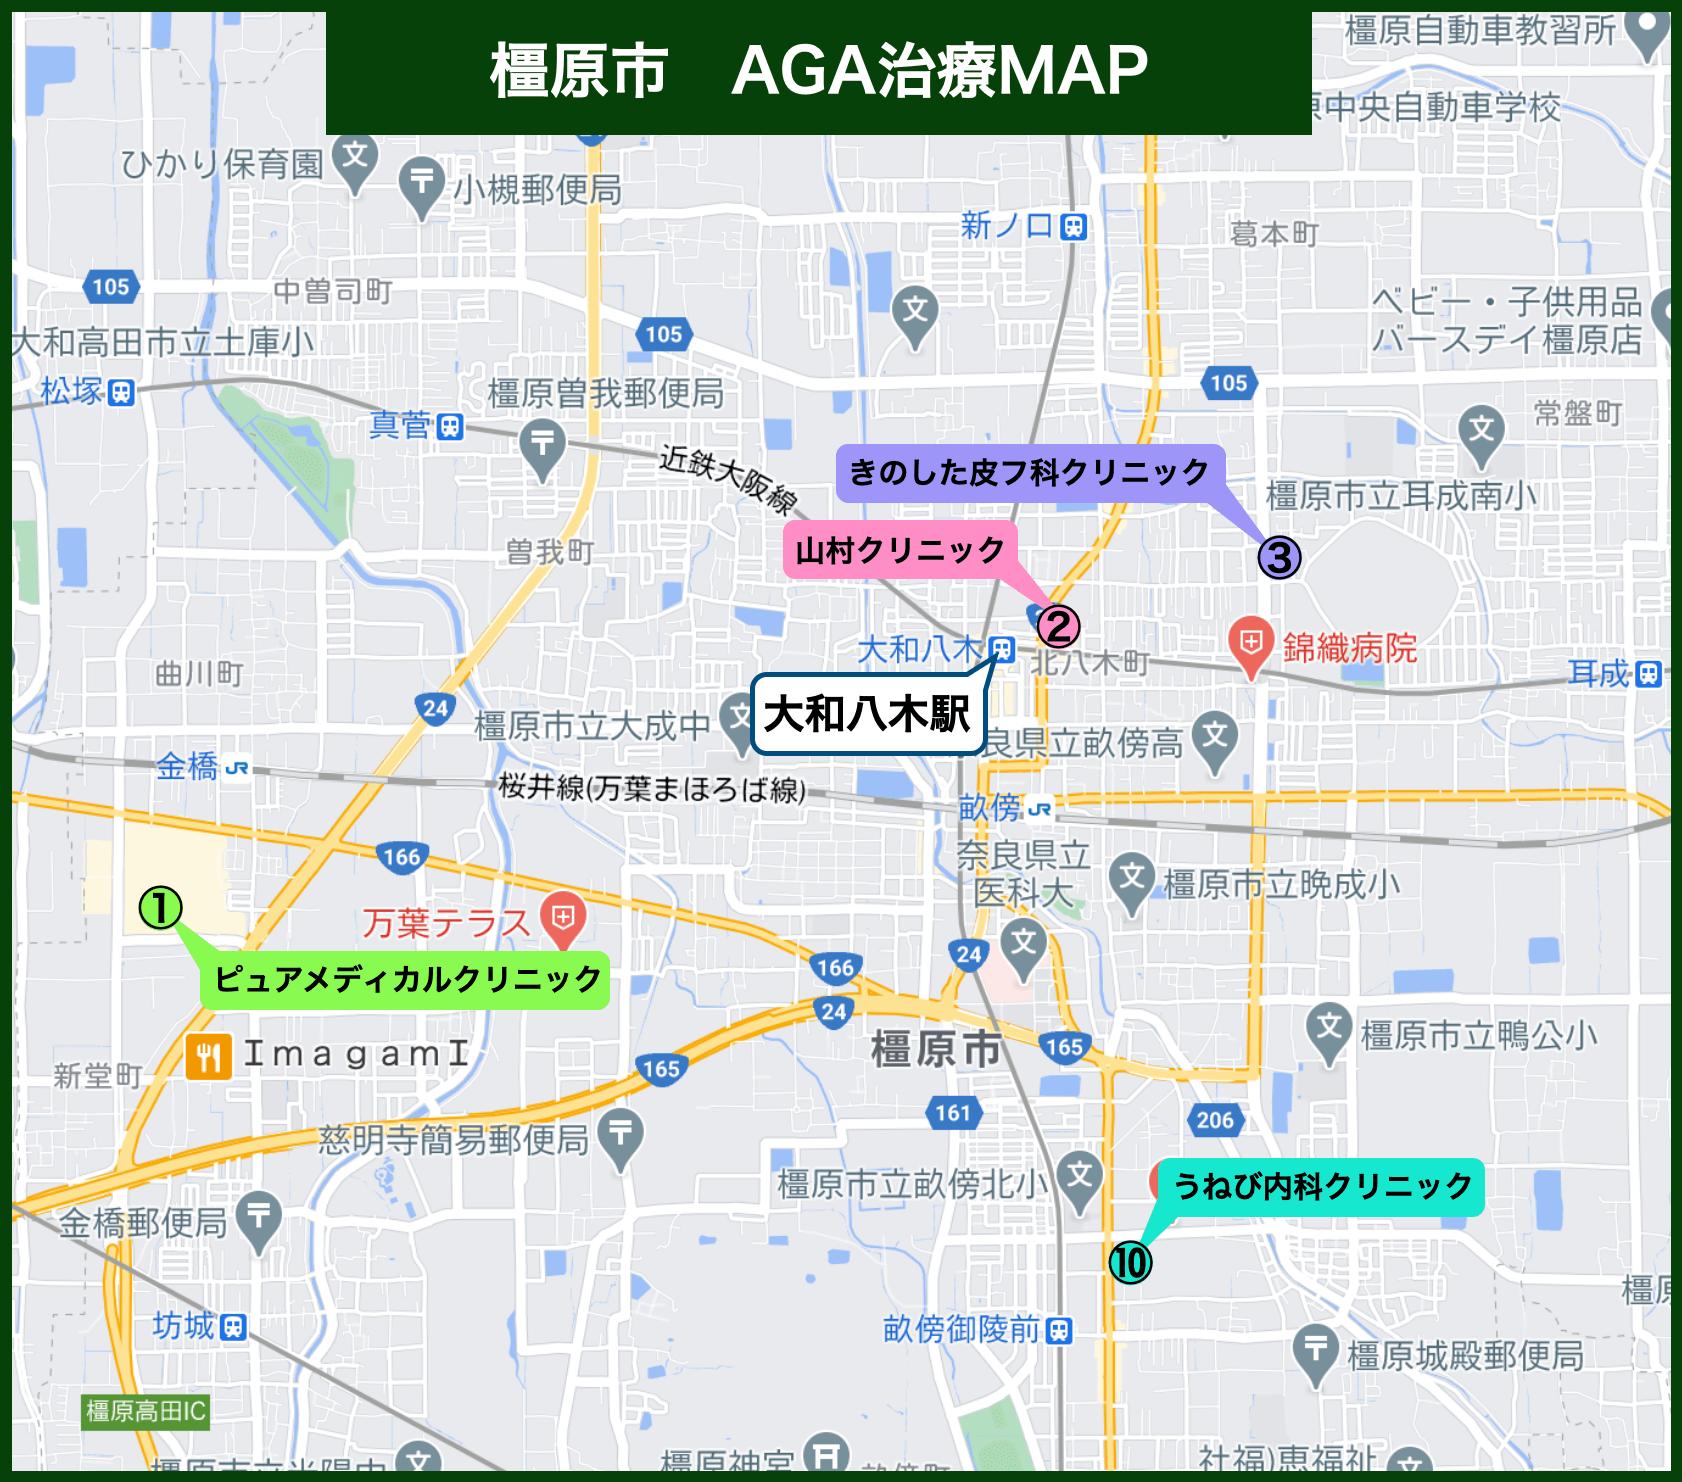 橿原市 AGA治療MAP